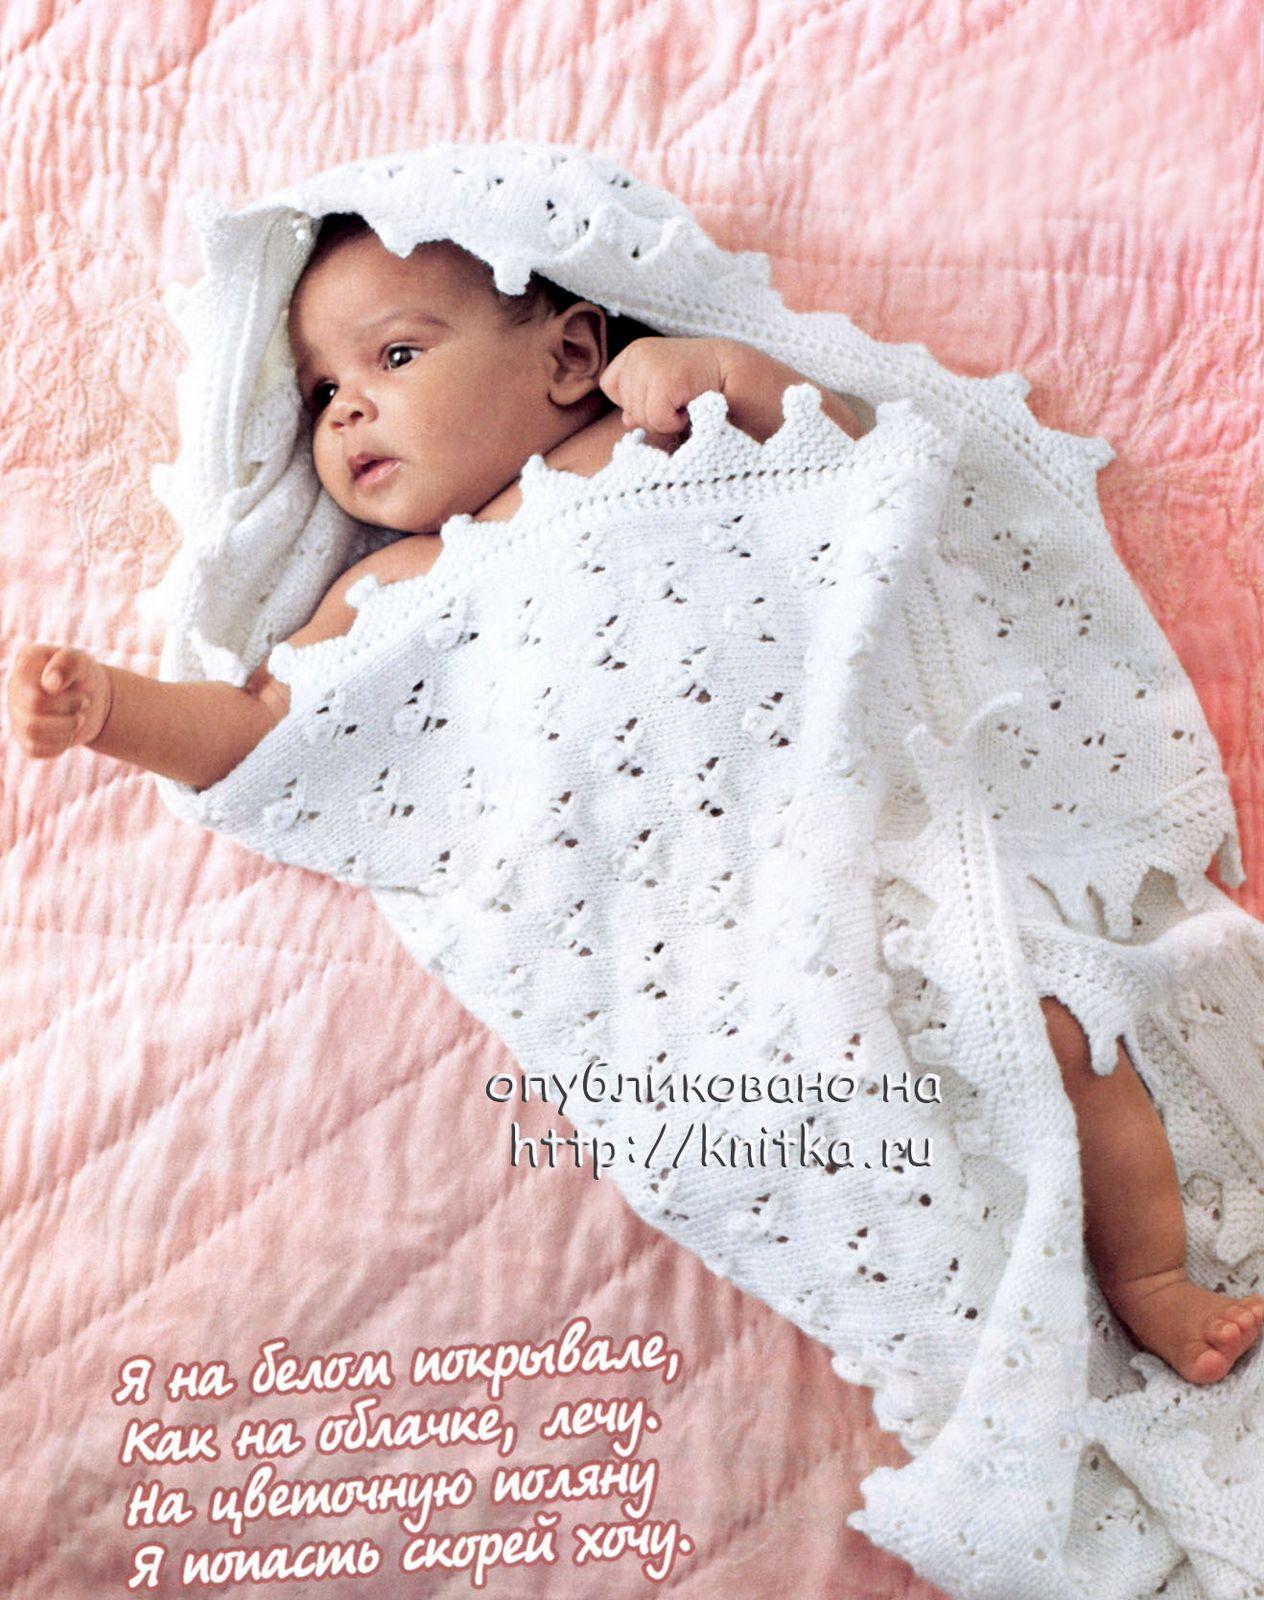 Для новорожденного, ... вязания одеял и пледов: ... моделей для вязания крючком и. схемы вязания крючком для...